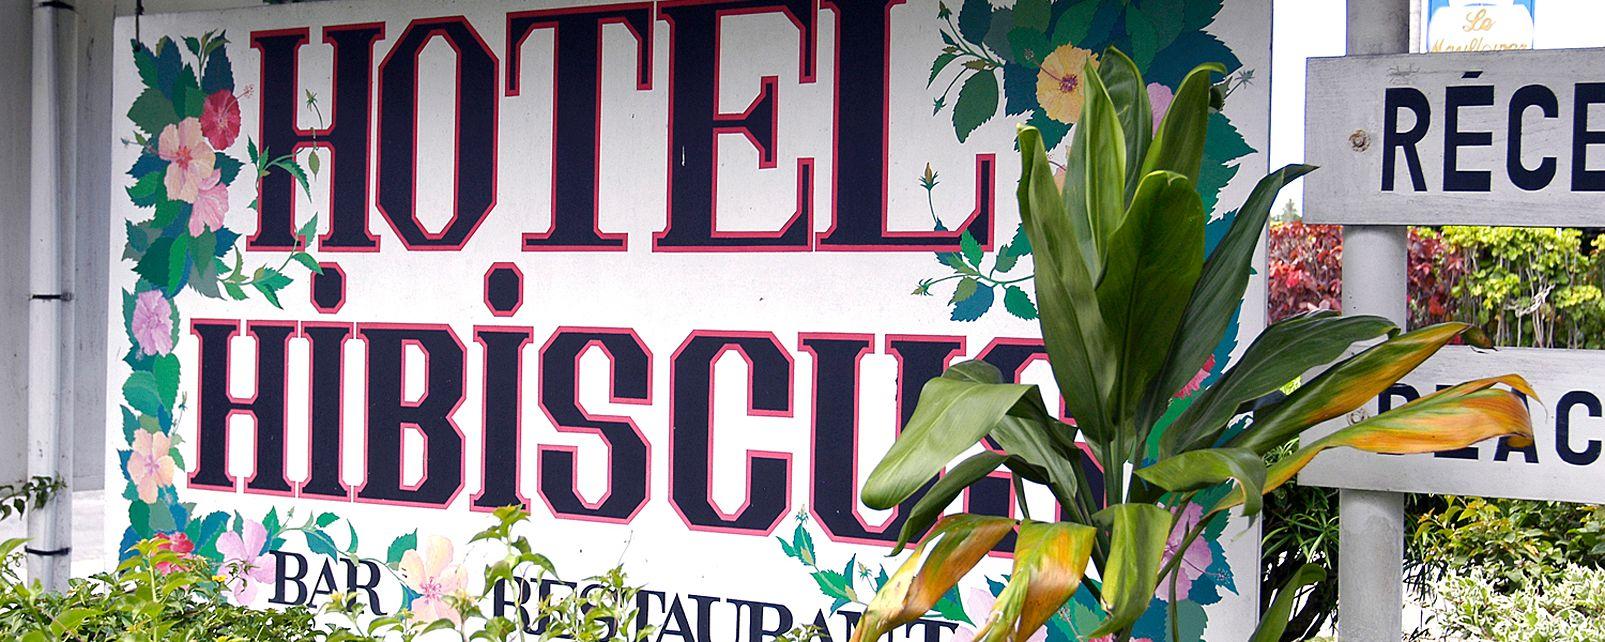 Hotel Hibiscus Moorea